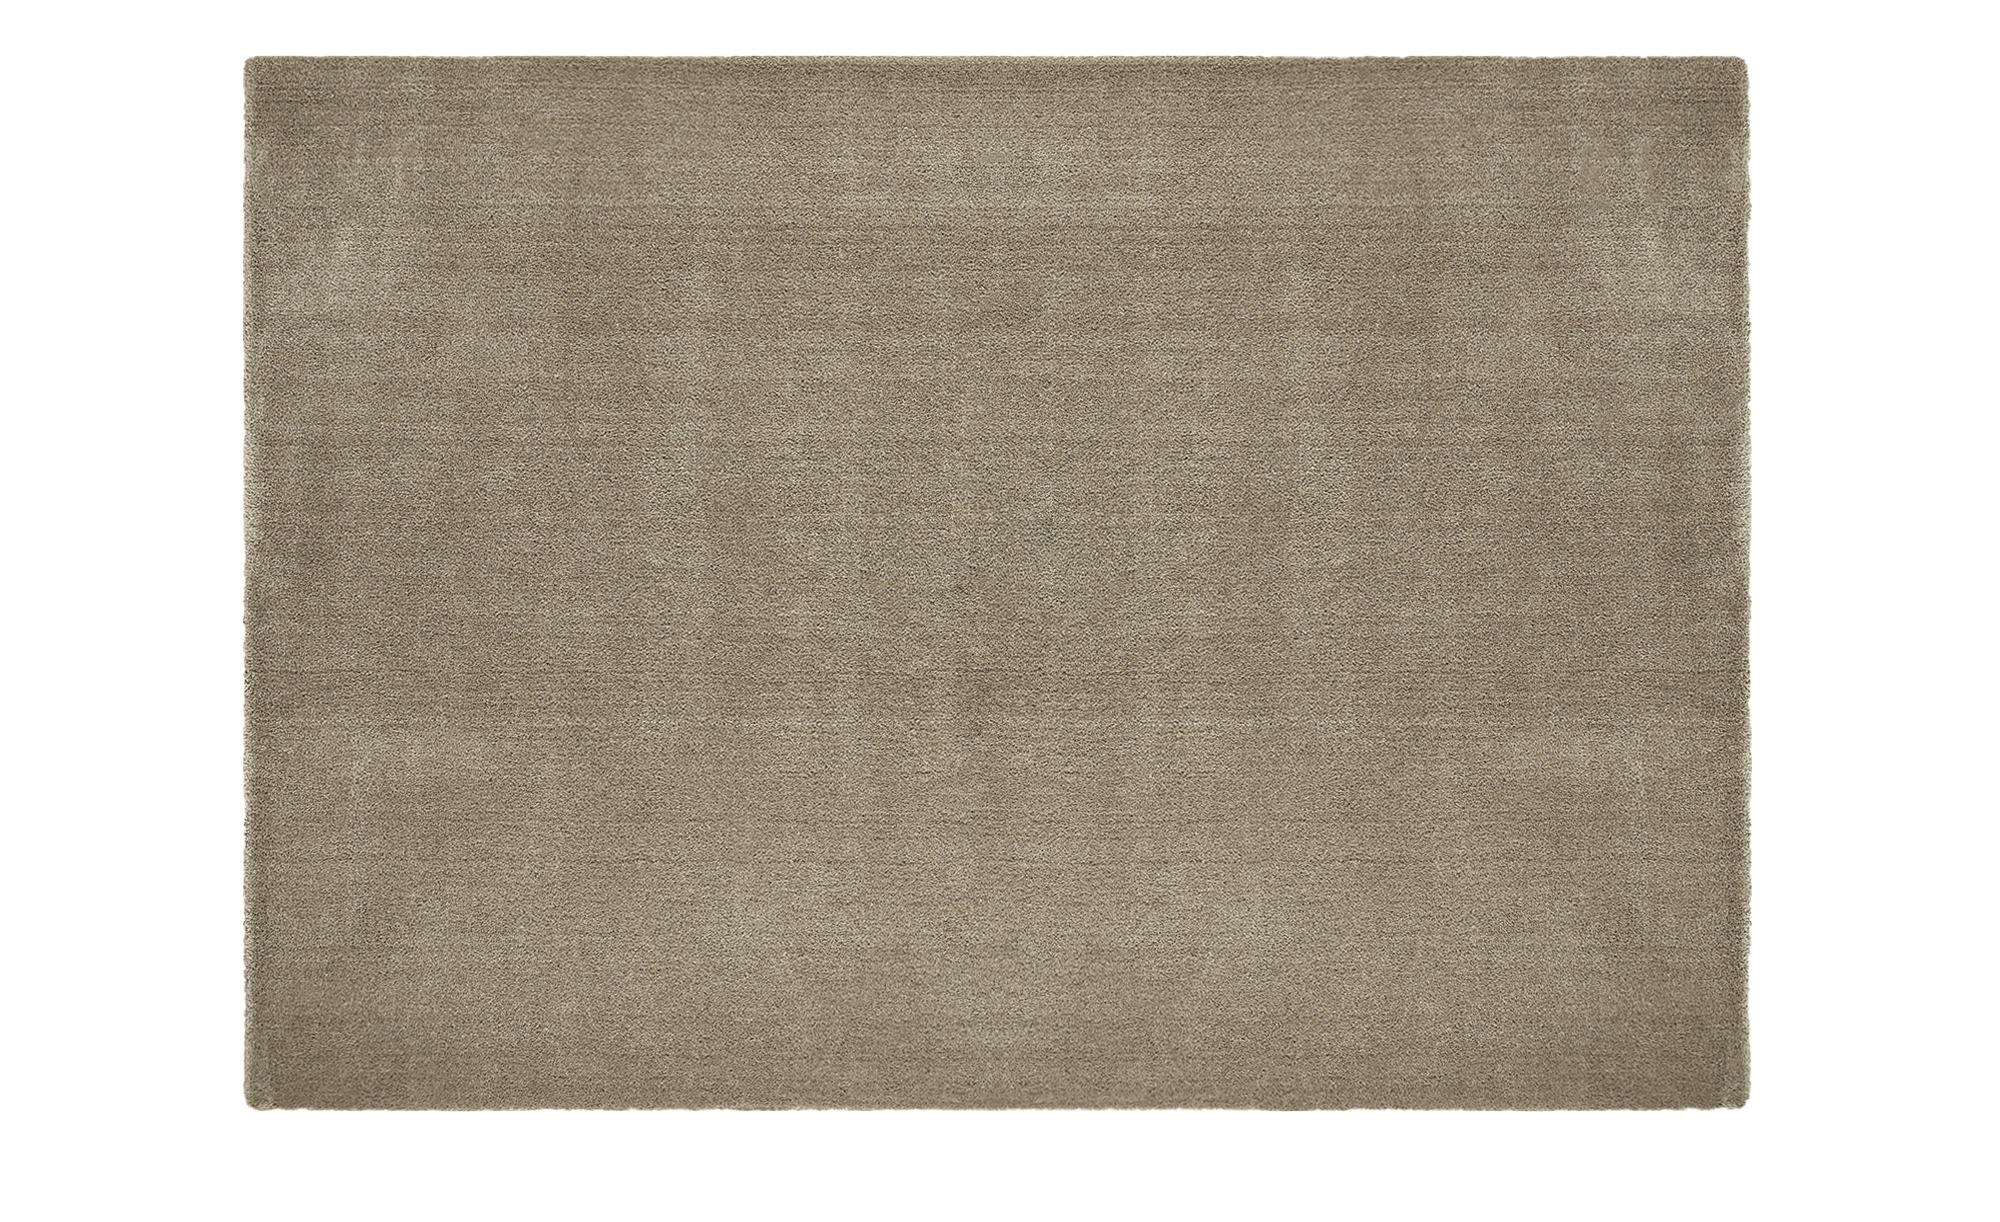 Webteppich  Touch ¦ beige ¦ 100% Polyester ¦ Maße (cm): B: 160 Teppiche > Wohnteppiche - Höffner